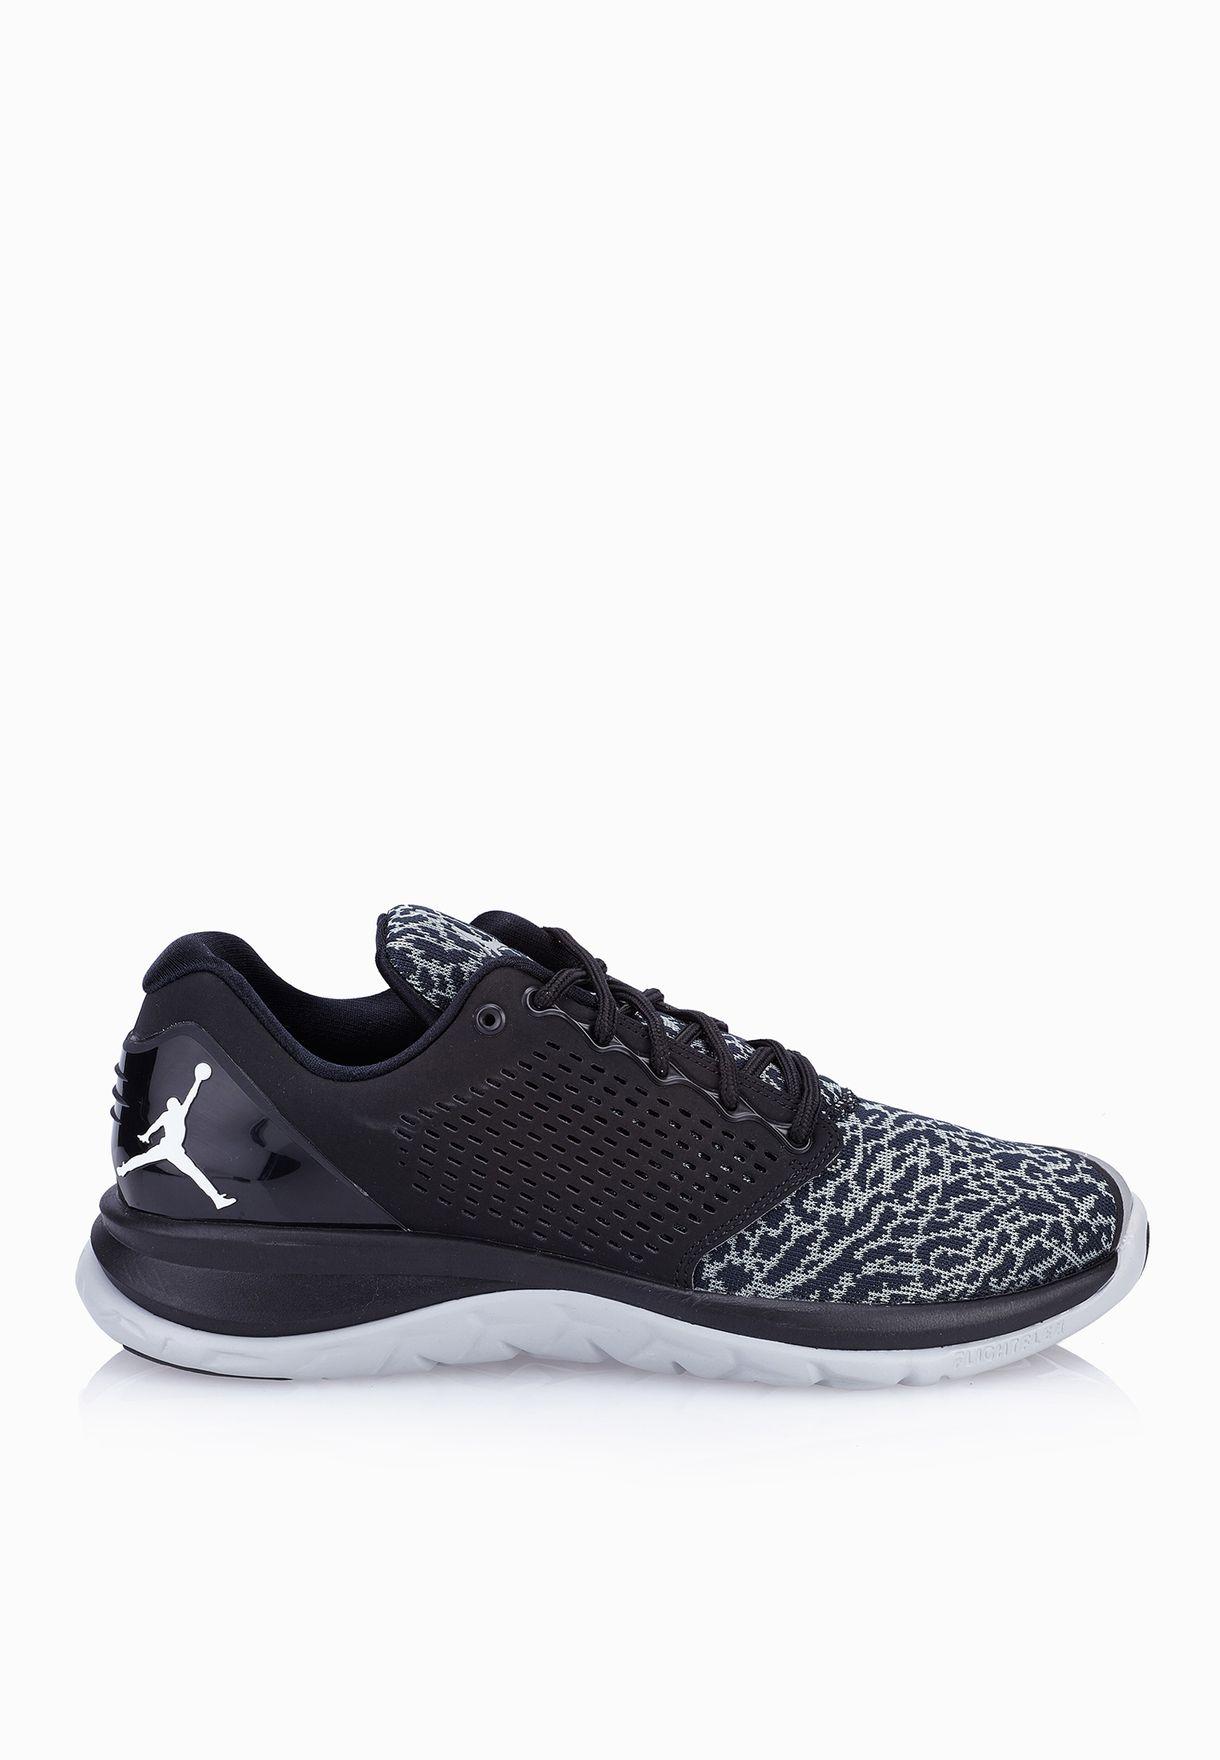 1d3266d0abc97 Shop Nike black Jordan Flight Runner 3 820253-010 for Men in UAE ...